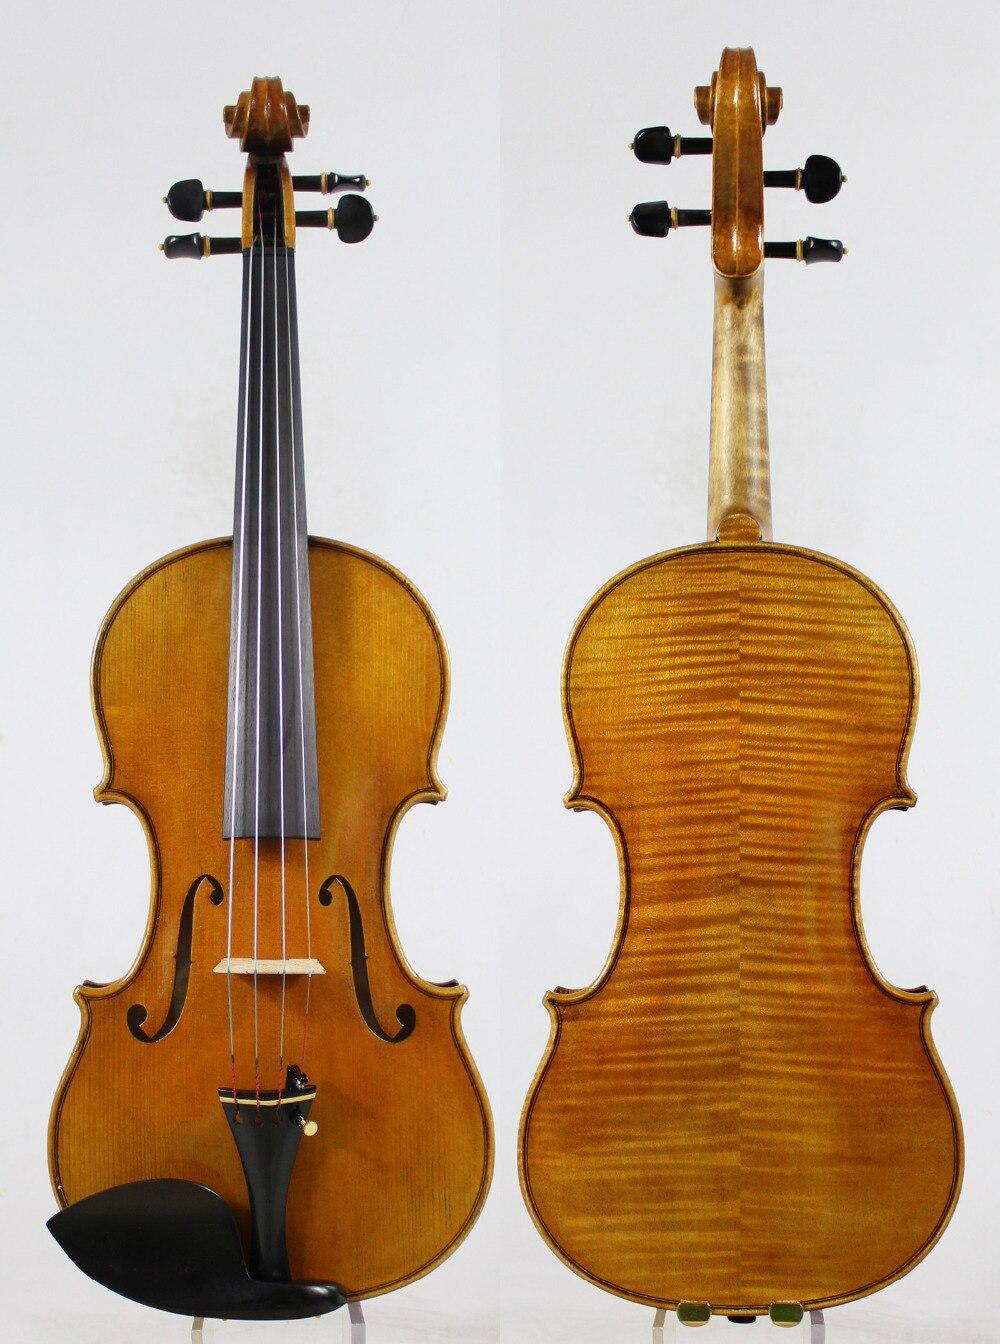 Copy Guarnieri 'del Gesu' ջութակի ջութակ # 182 - Երաժշտական գործիքներ - Լուսանկար 2